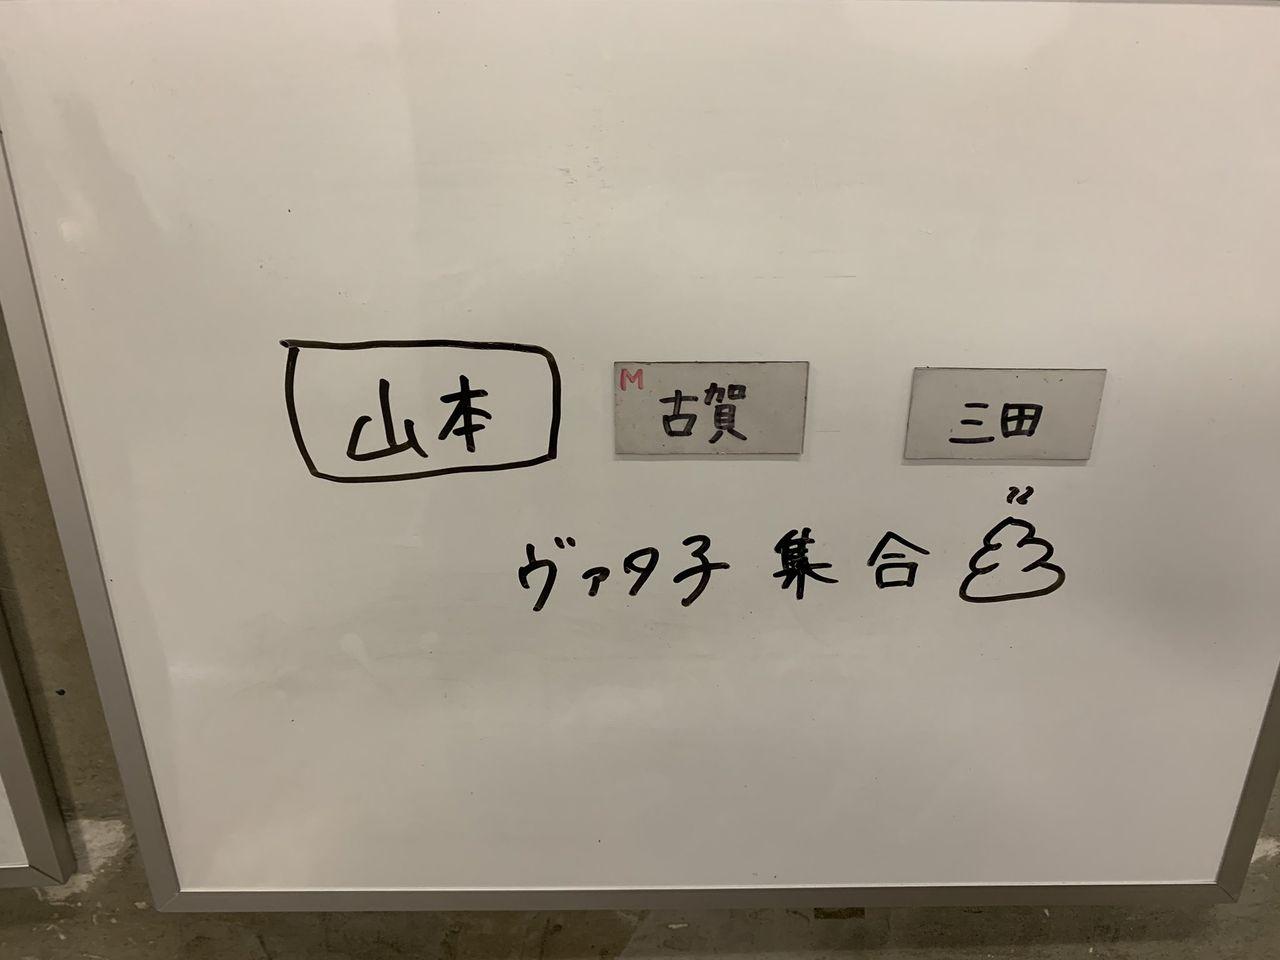 【速報】NMB48劇場にさや姉現る。【山本彩】e